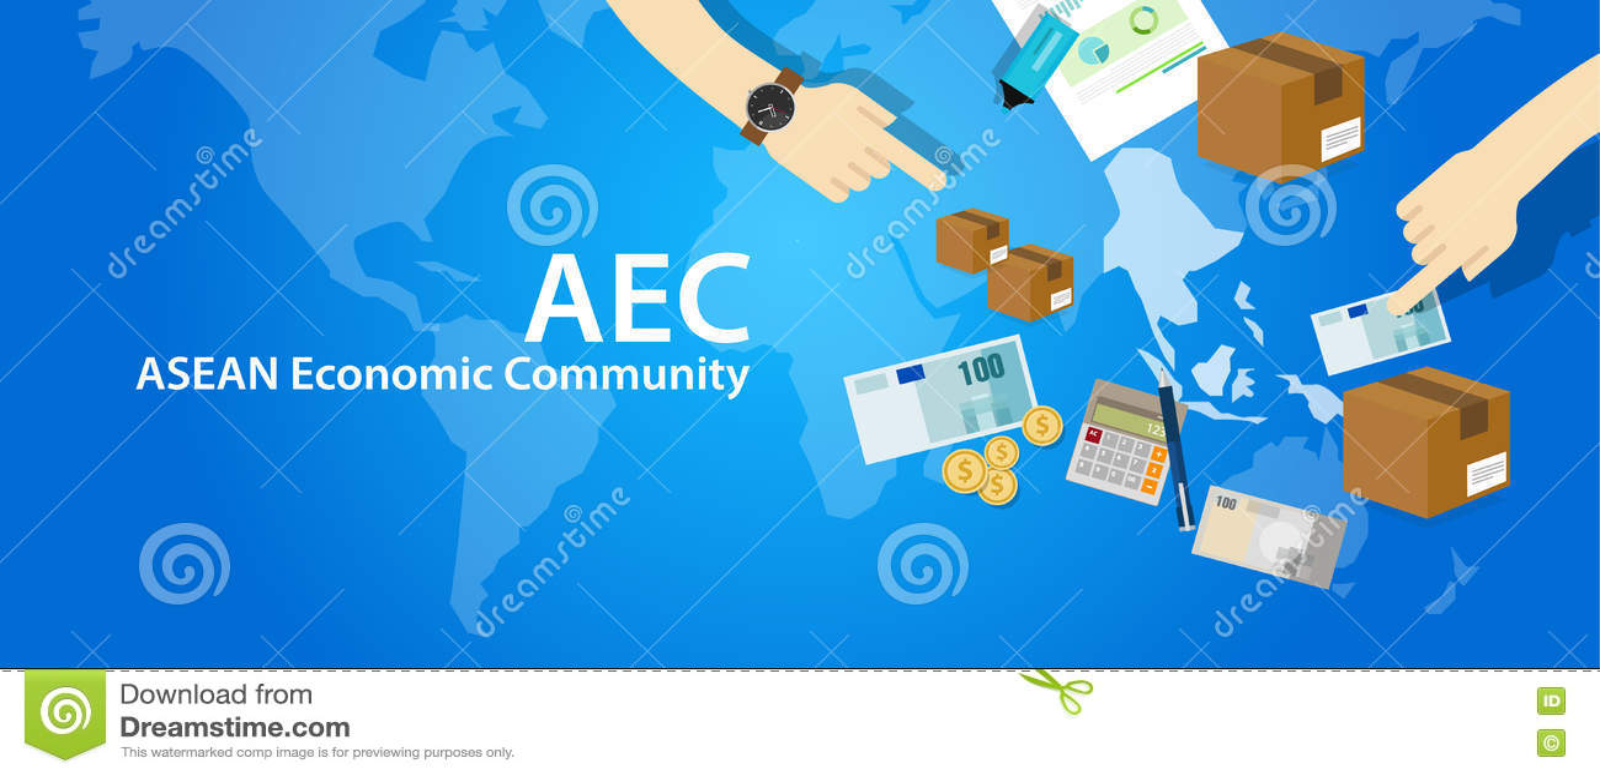 Associazione di comunità economica di ASEAN di CEA delle nazioni asiatiche sudorientali